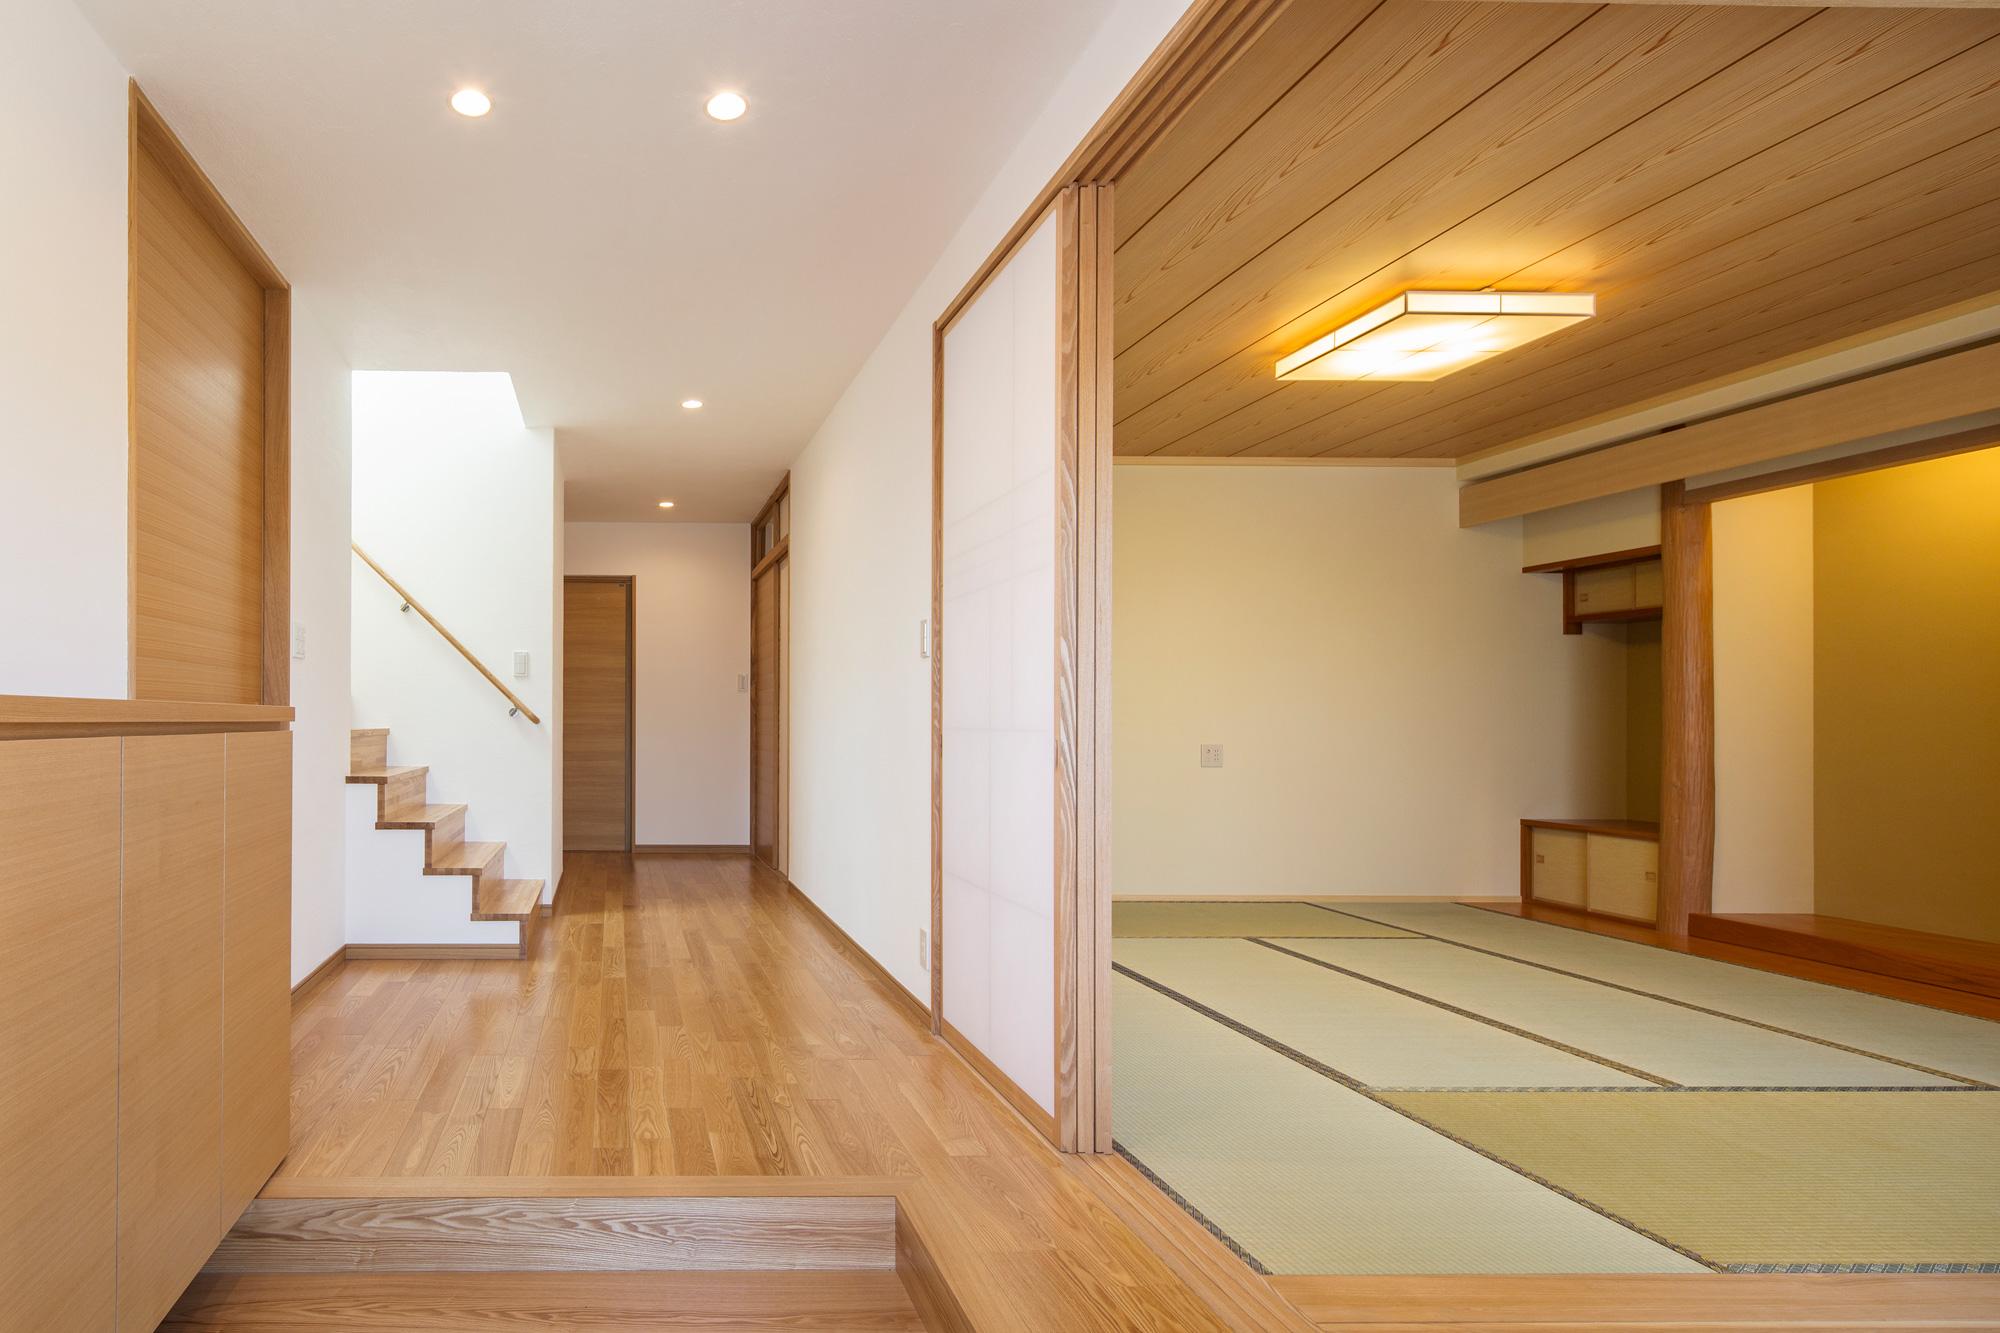 親世帯の玄関: 障子を開け放つことで和室と玄関が一体となる、昔ながらの間取り